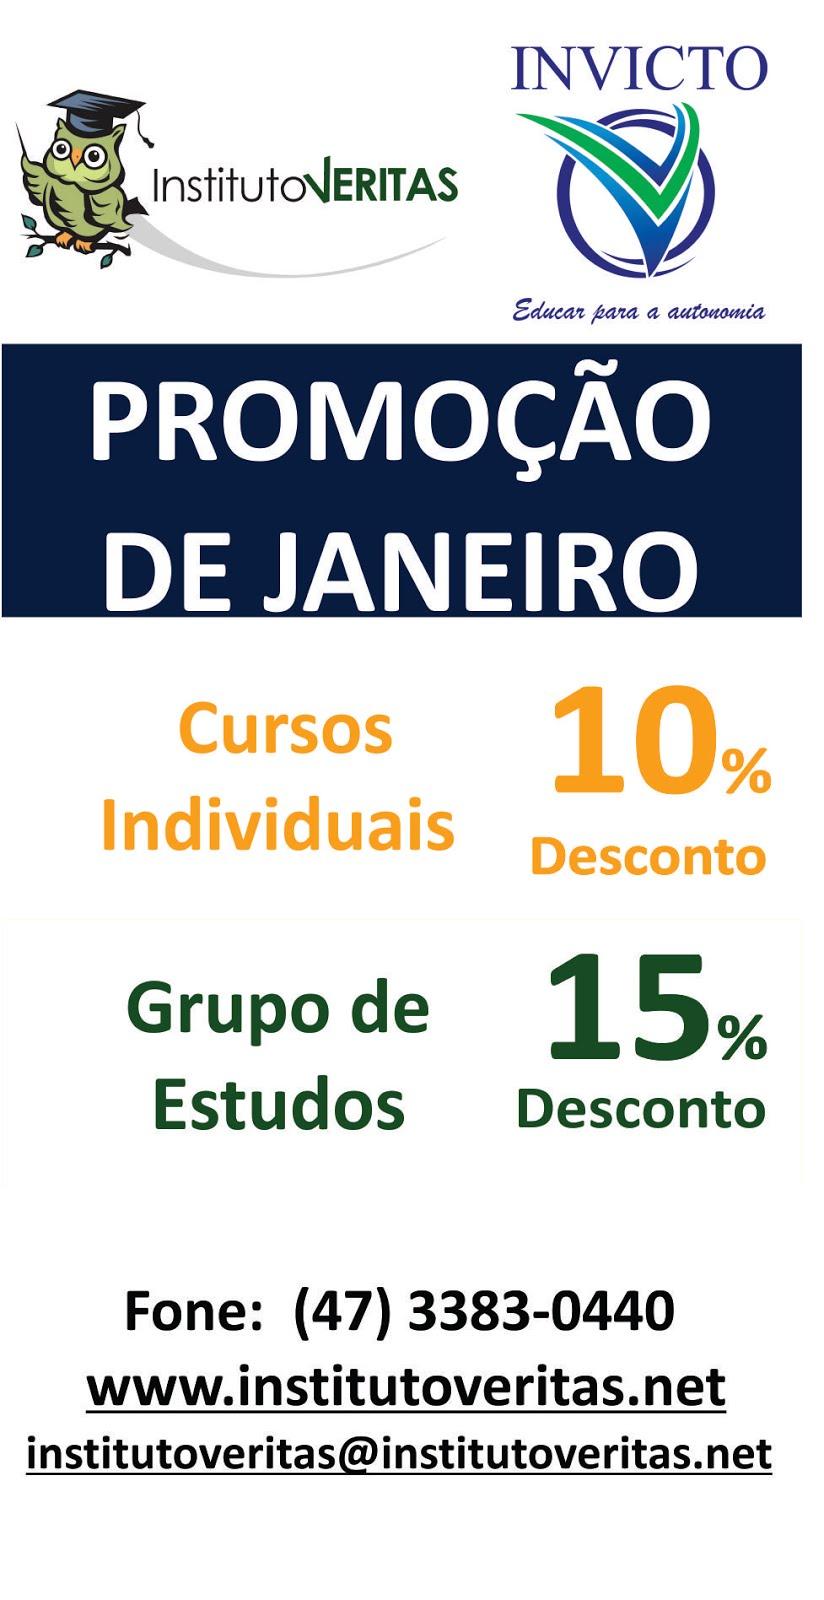 Promoção de Janeiro